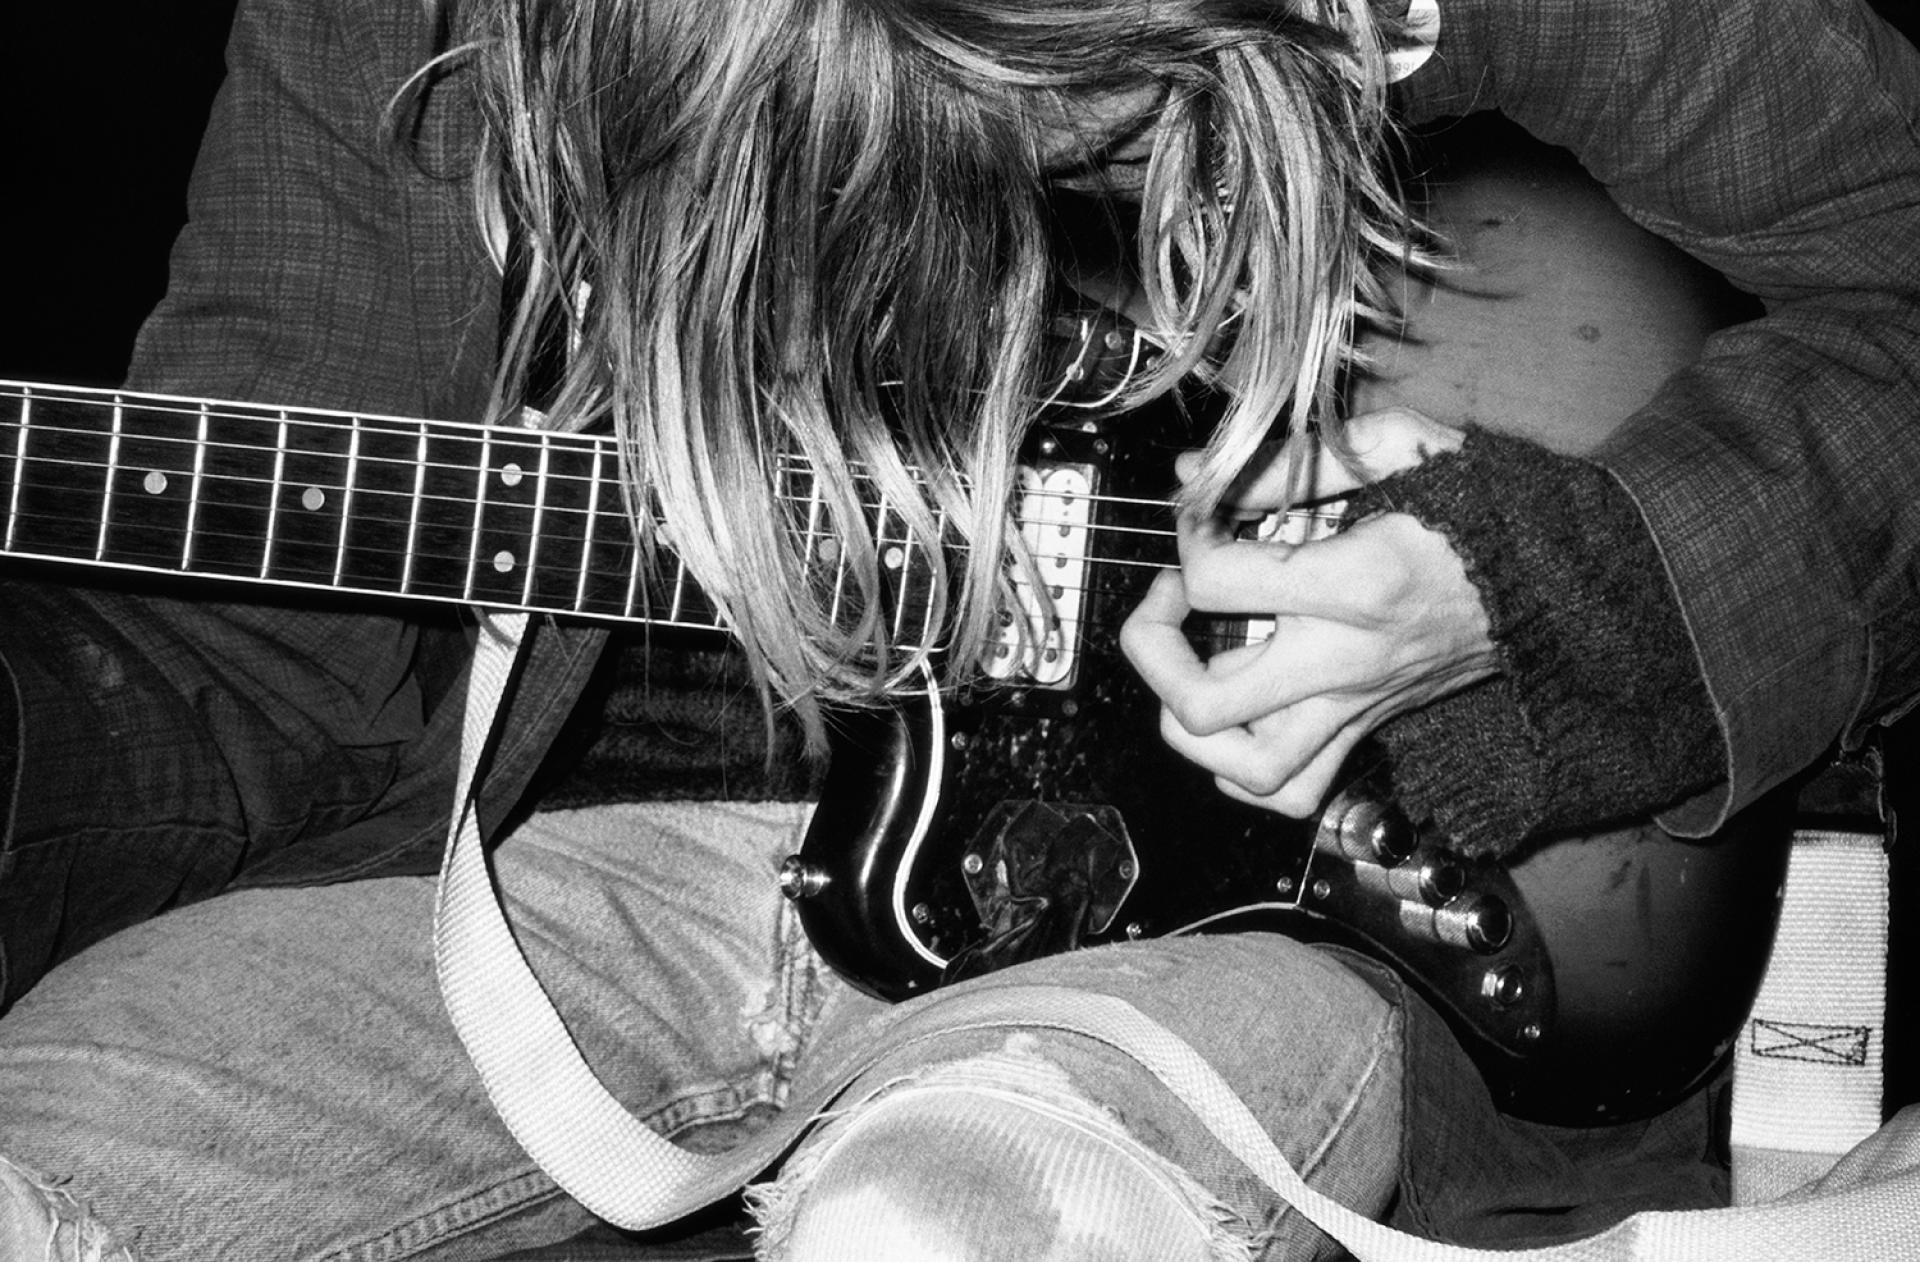 Le leader du groupe Nirvana, Kurt Cobain, en1991.